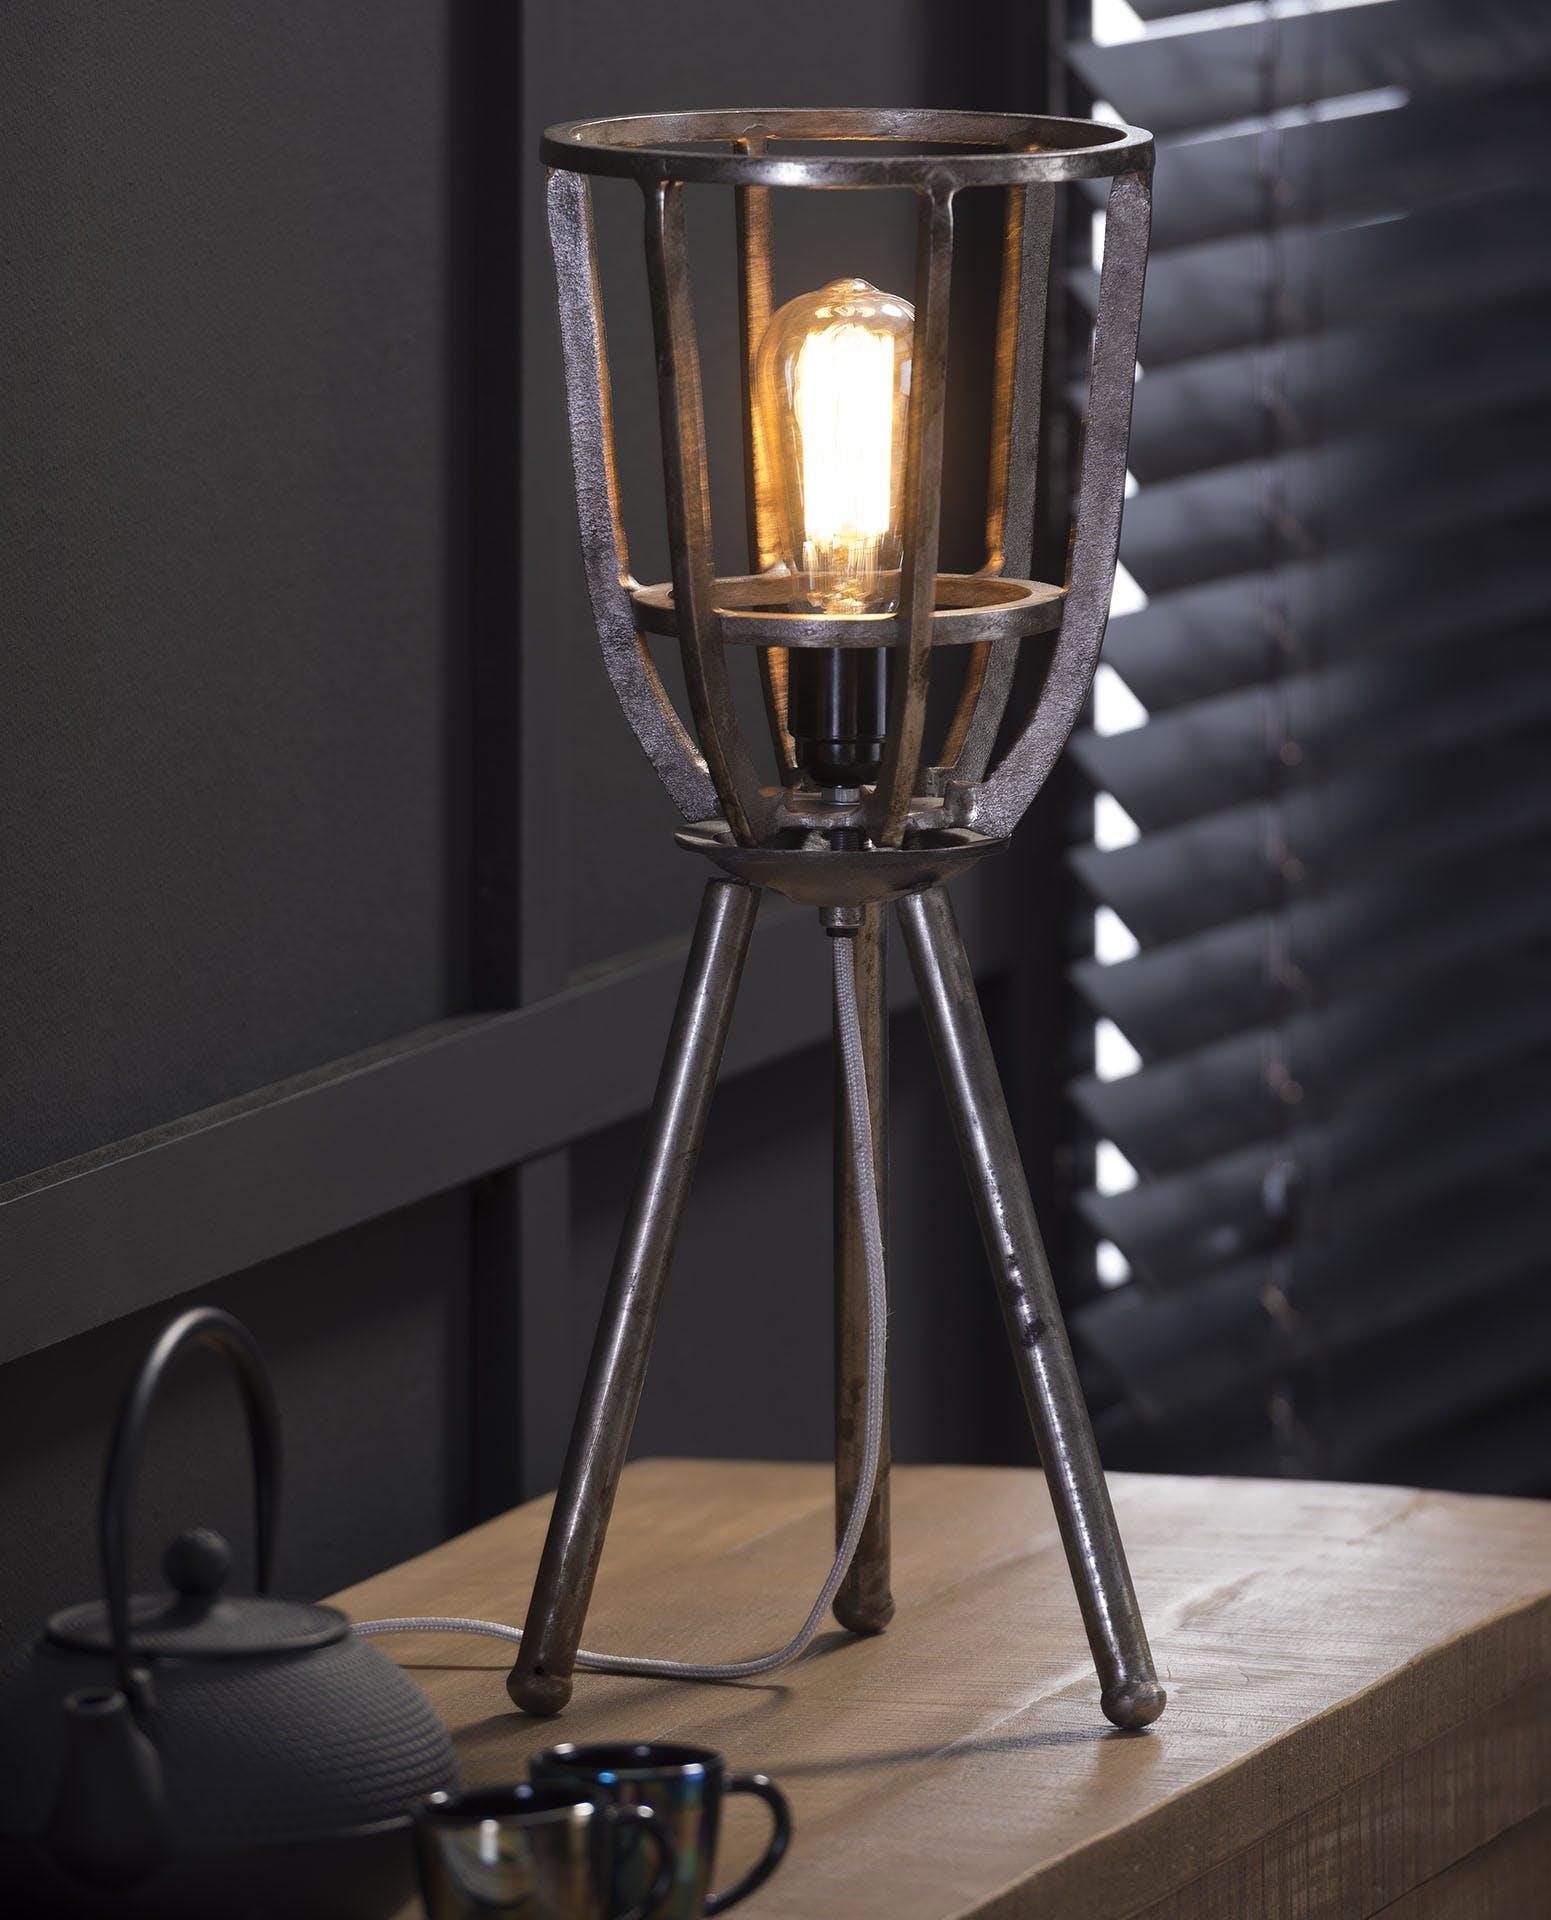 Lampe industrielle à poser style torche sur trépied nickel 51cm RALF